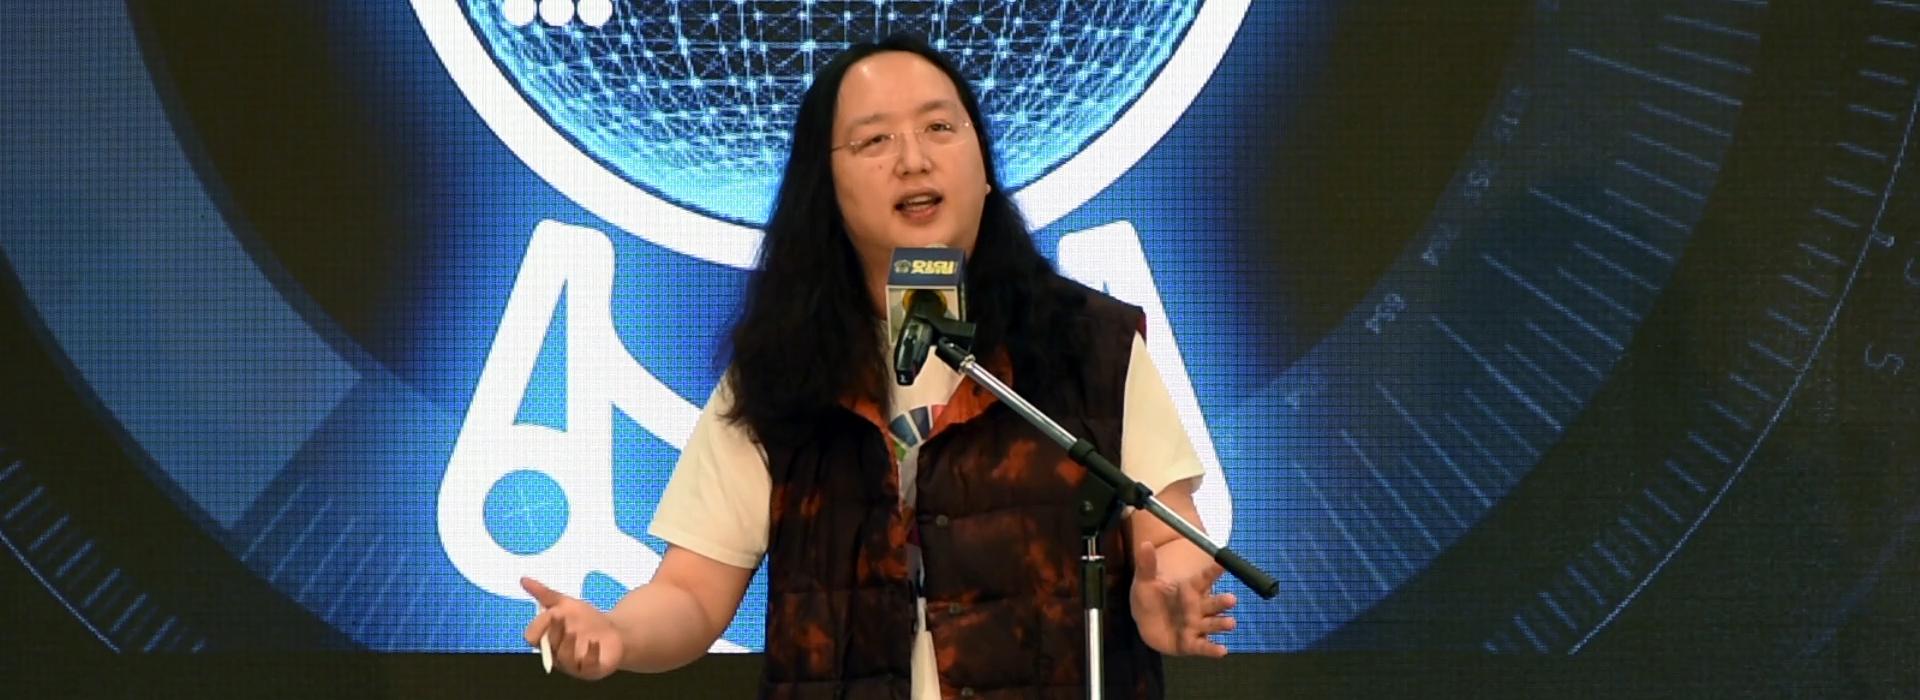 全球創業生態連結 看到台灣創育新能量